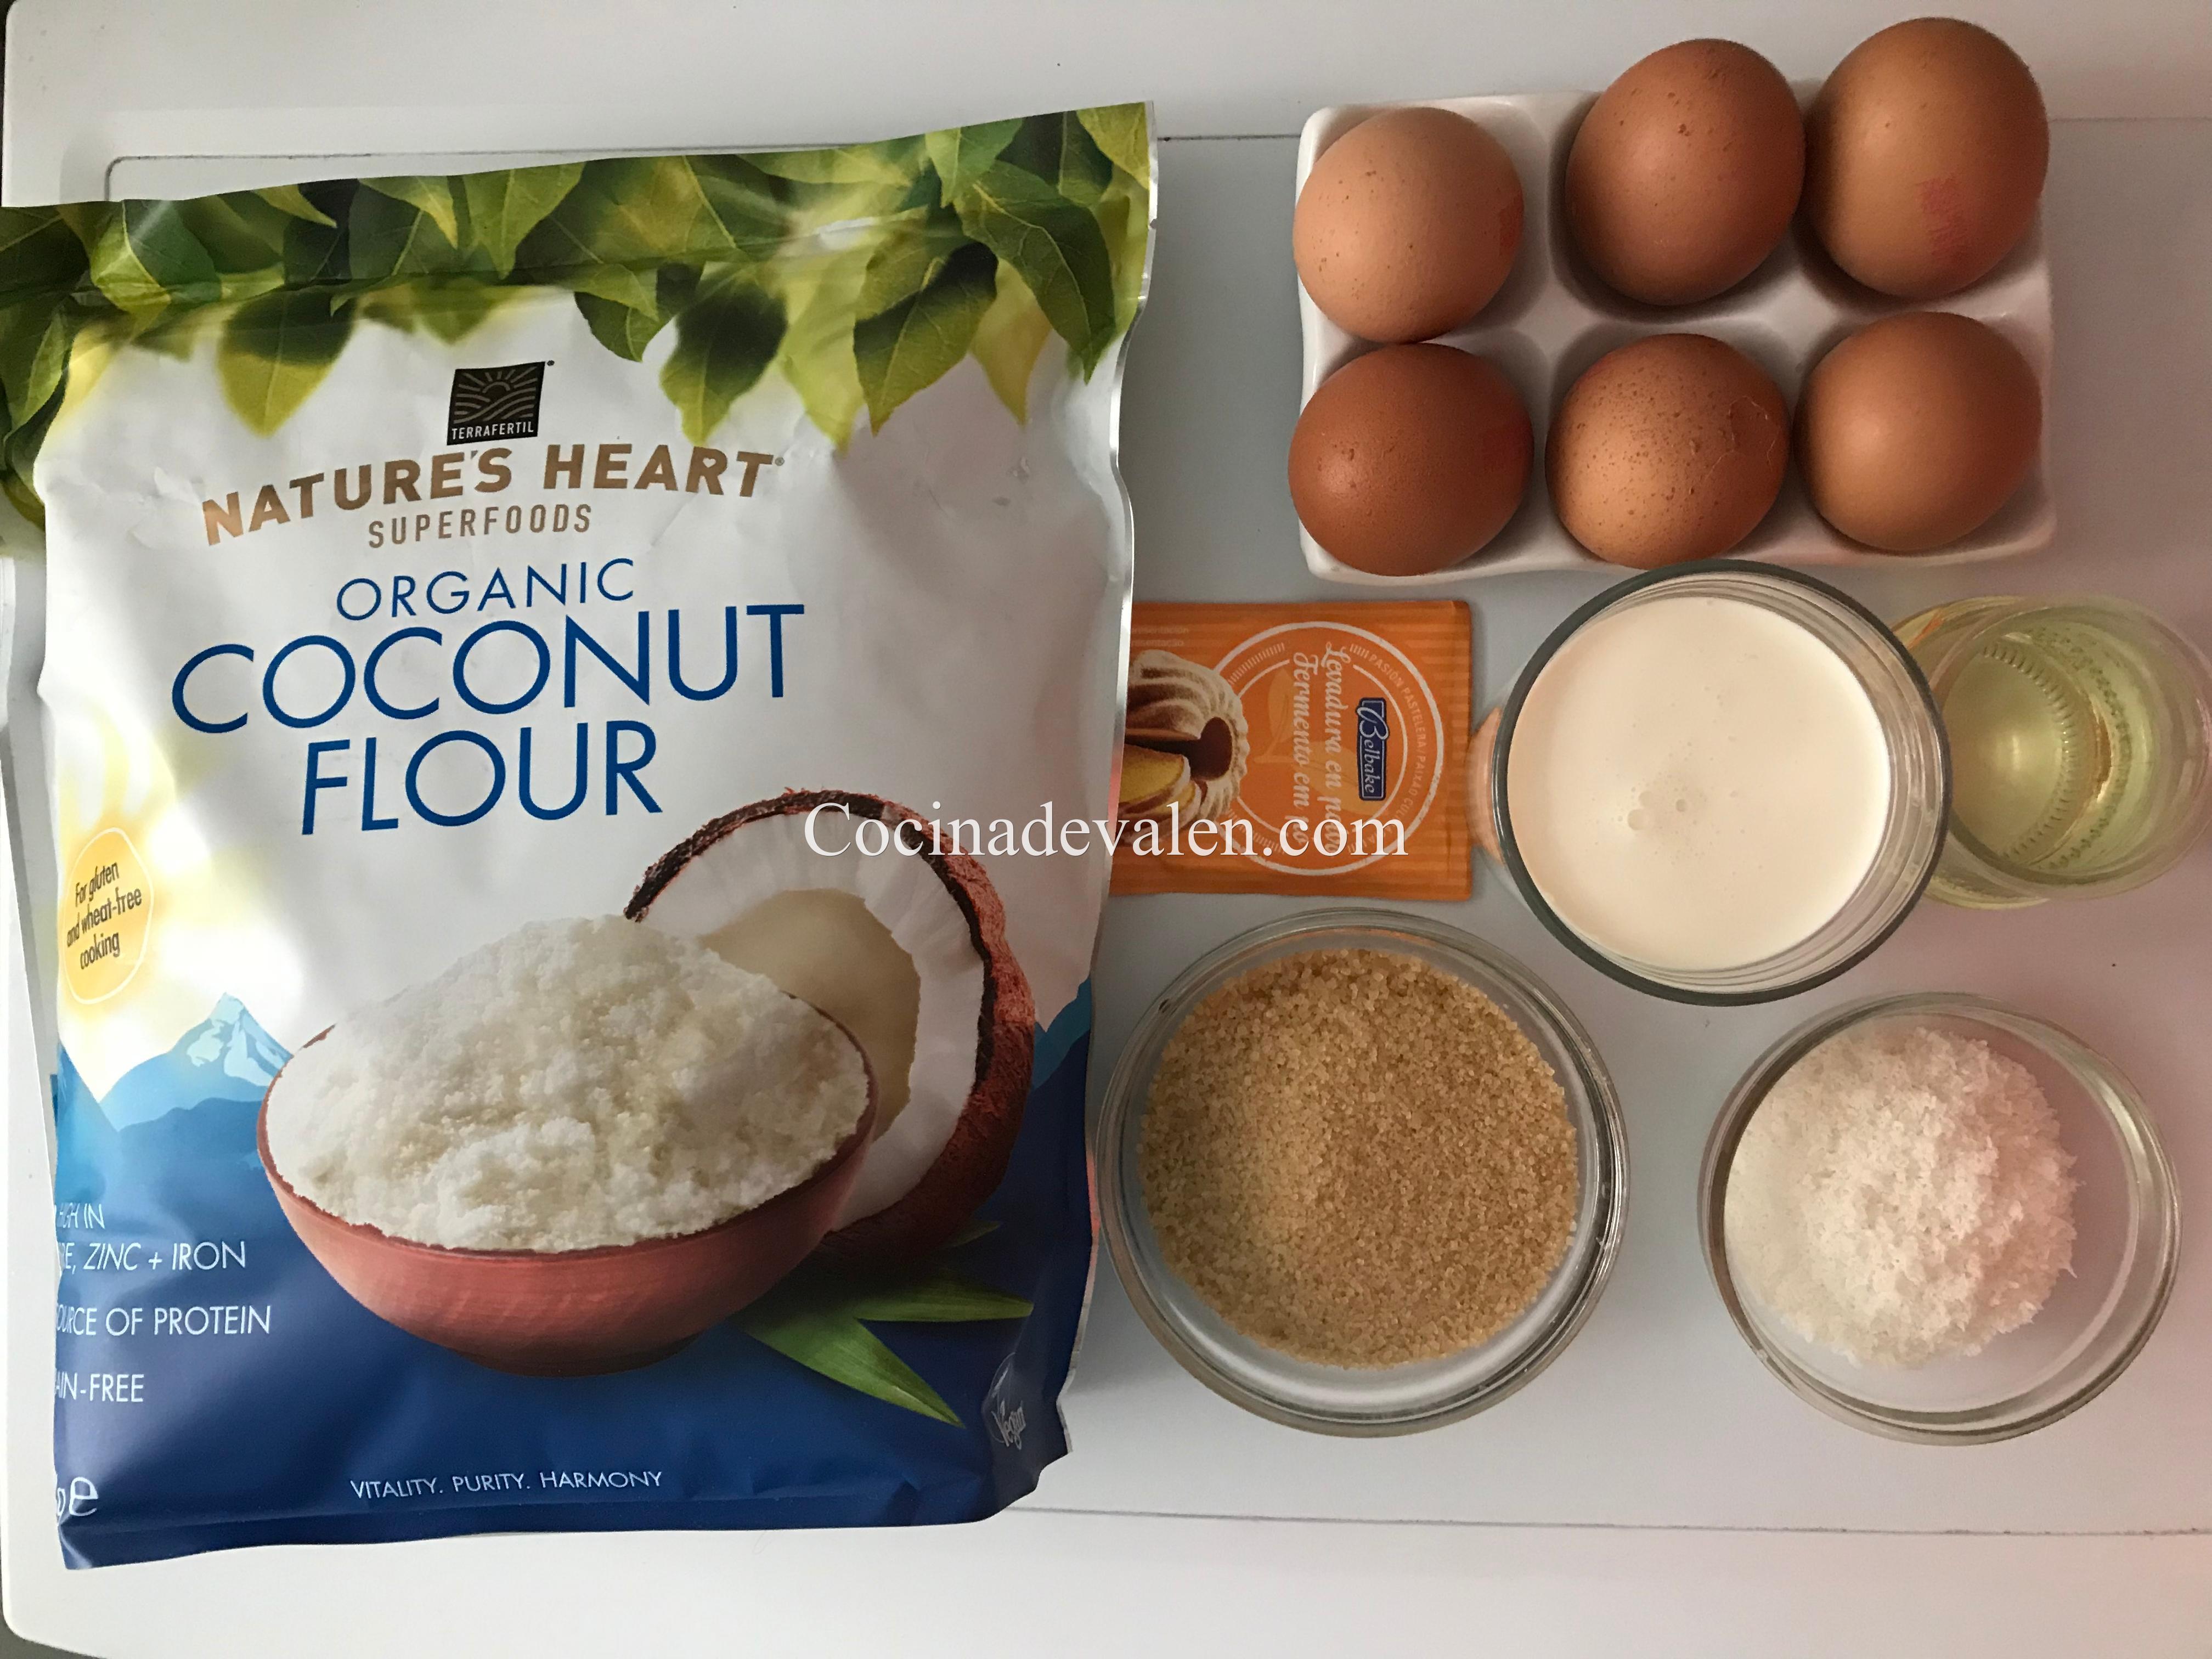 Bizcocho con harina de coco - Cocina de Valen